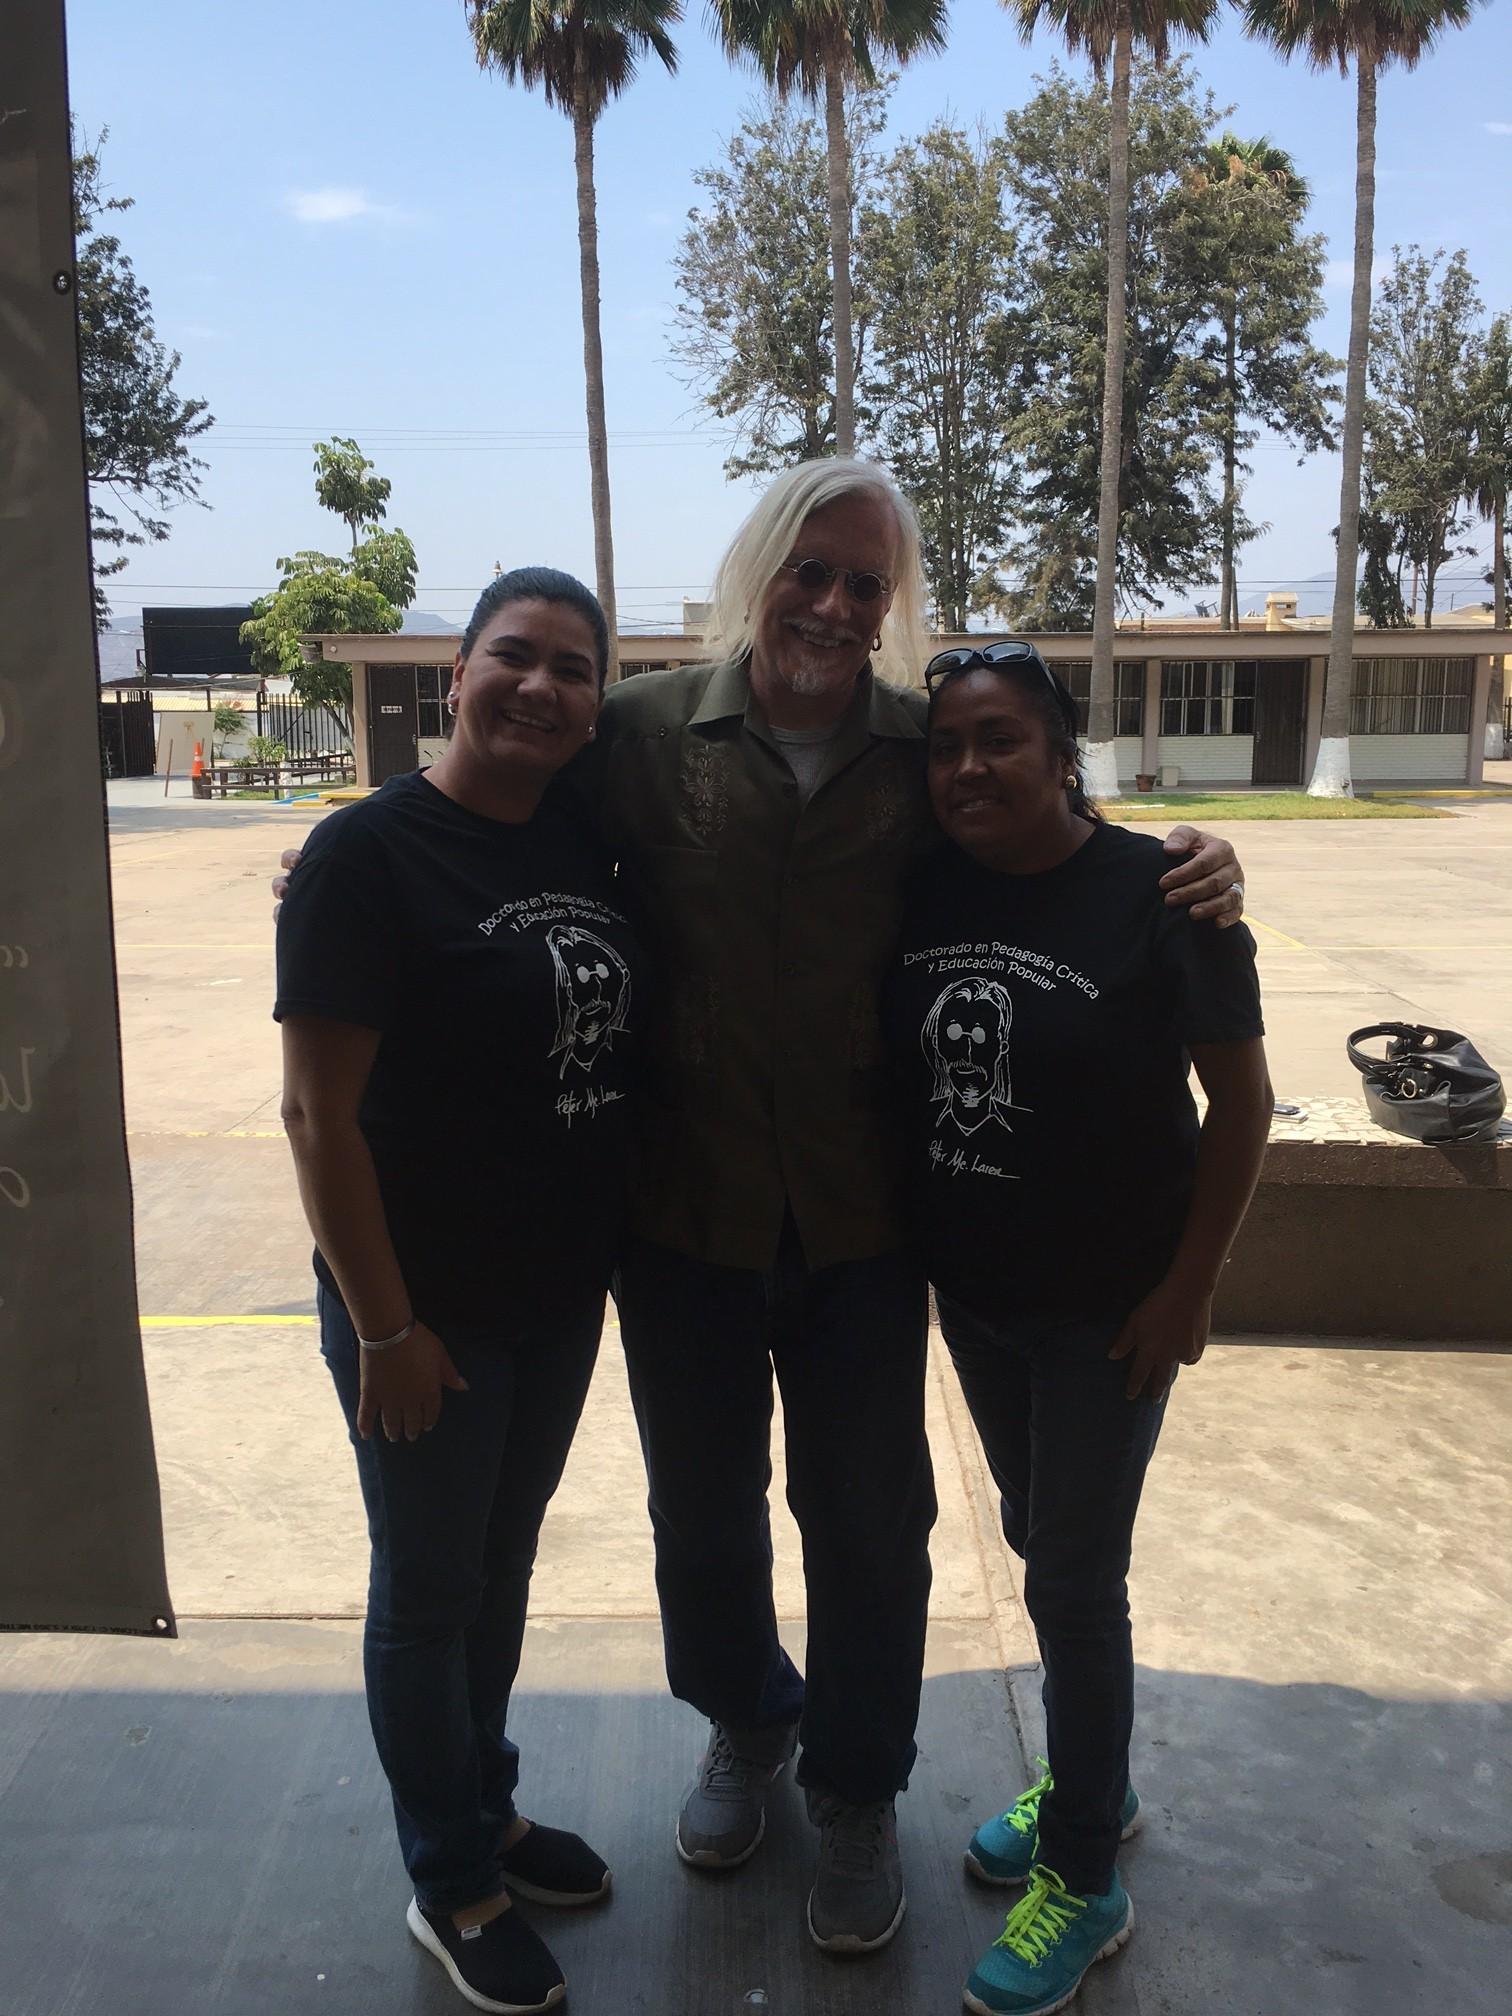 Students at Instituto McLaren